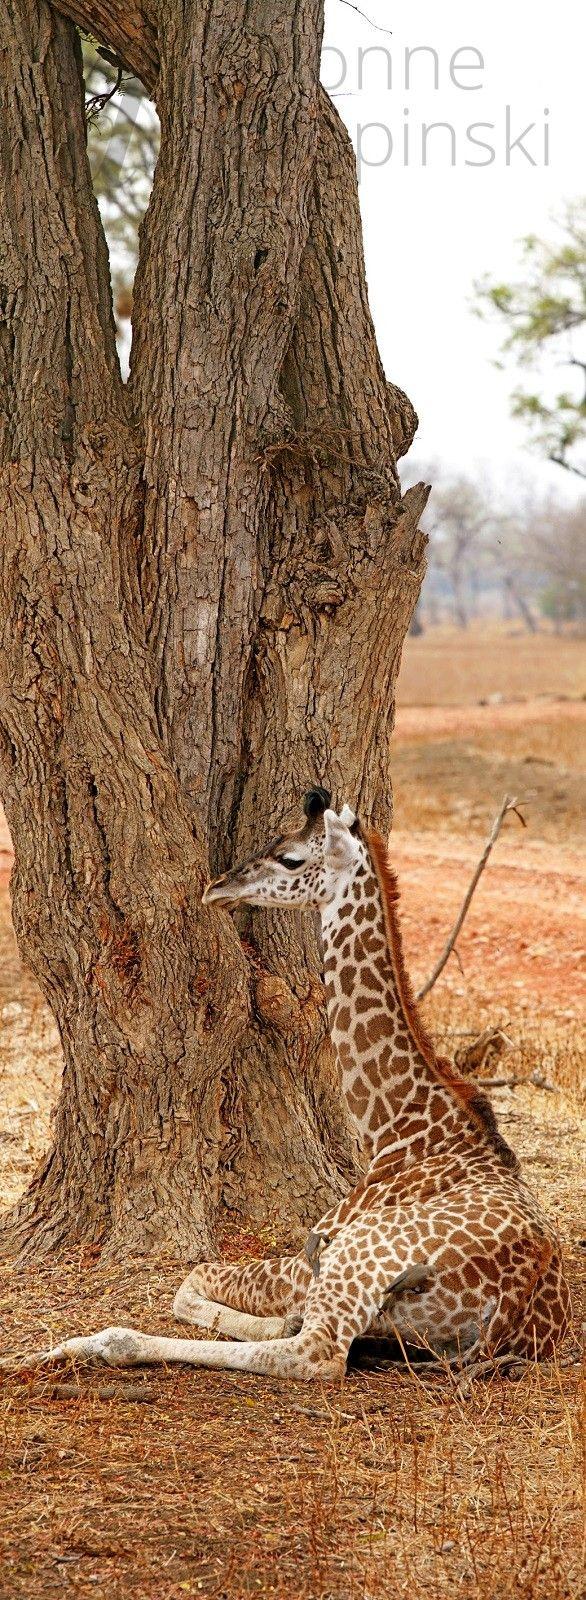 Żyrafa to najwyższe zwierze na świecie nie ma co do tego wątpliwości. Czy wiedziałeś, że to także trzecie w kolejności do największego stworzenia na świecie